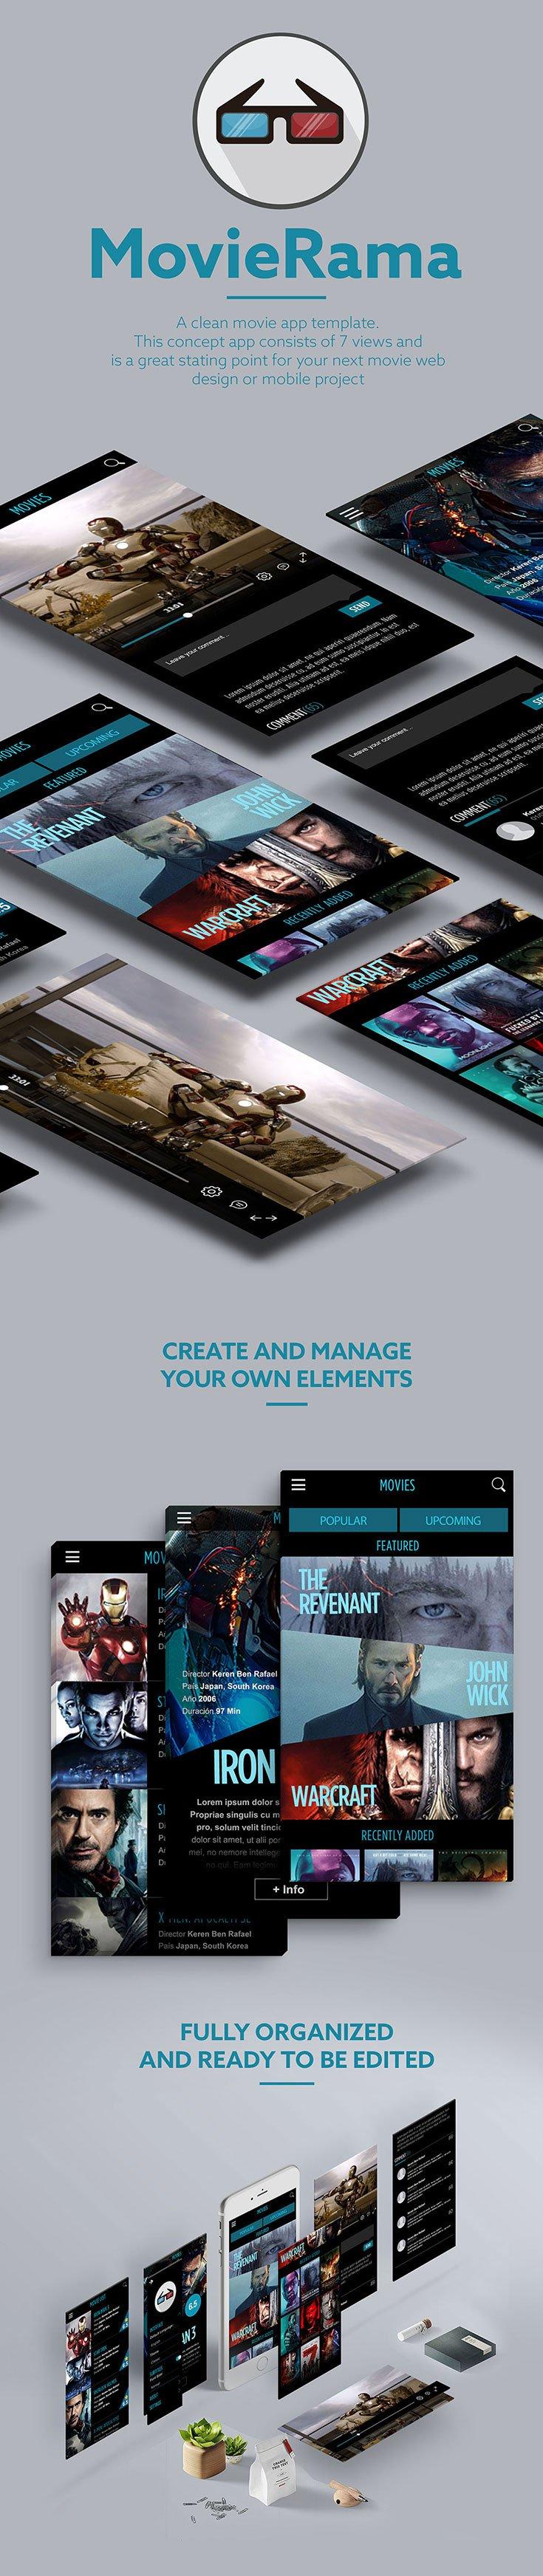 Free MovieRama UI Kit